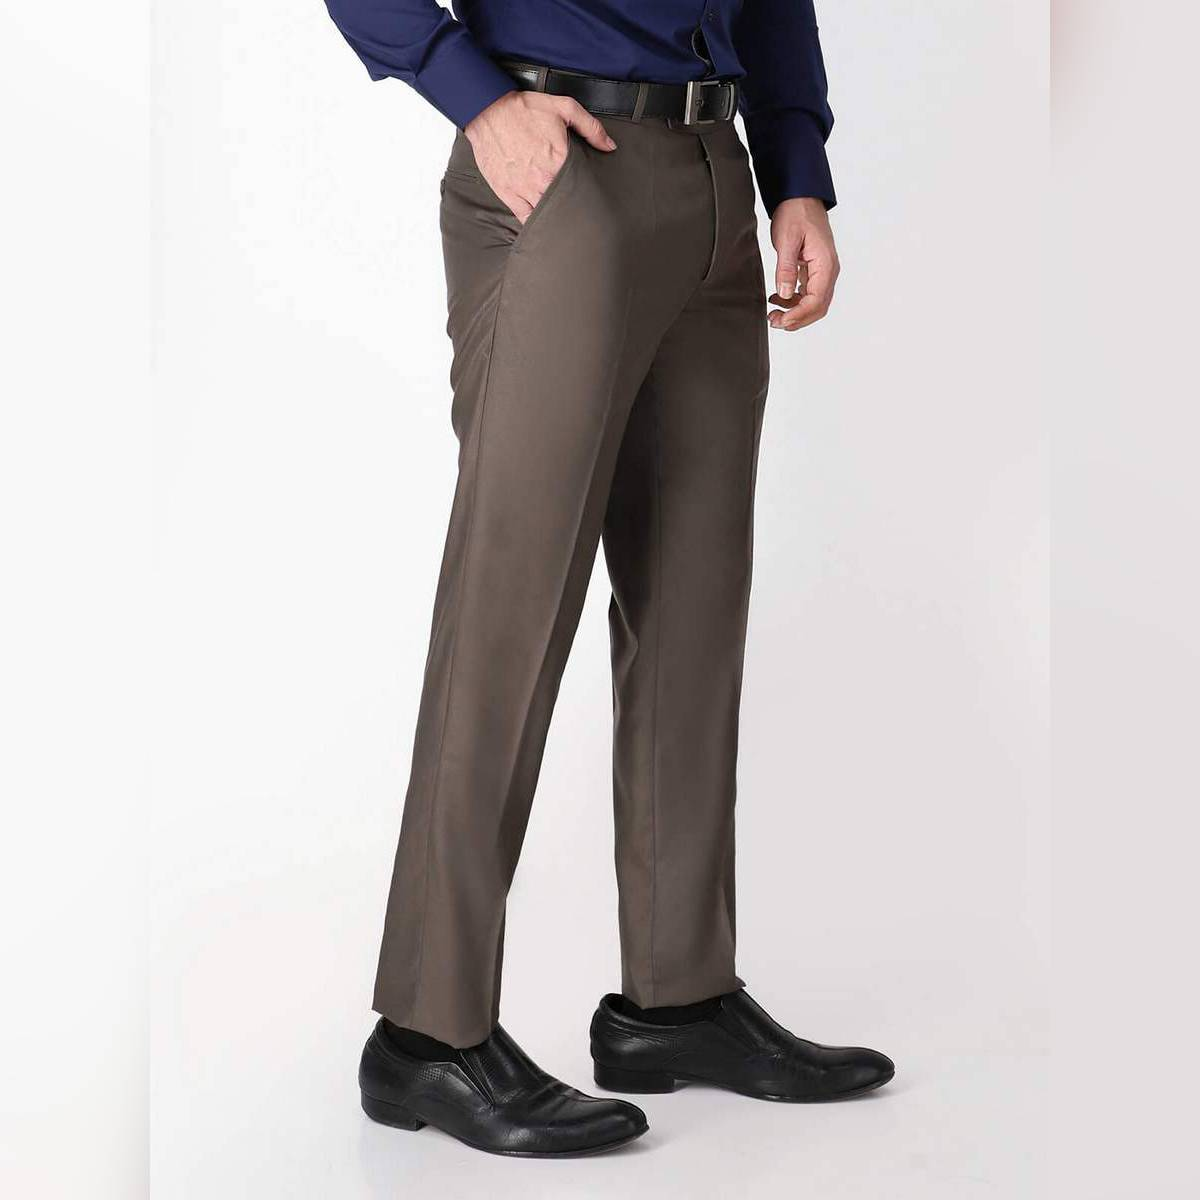 Shahzeb Saeed Olive Green Plain Formal Dress Trouser For Men (WTR-197)